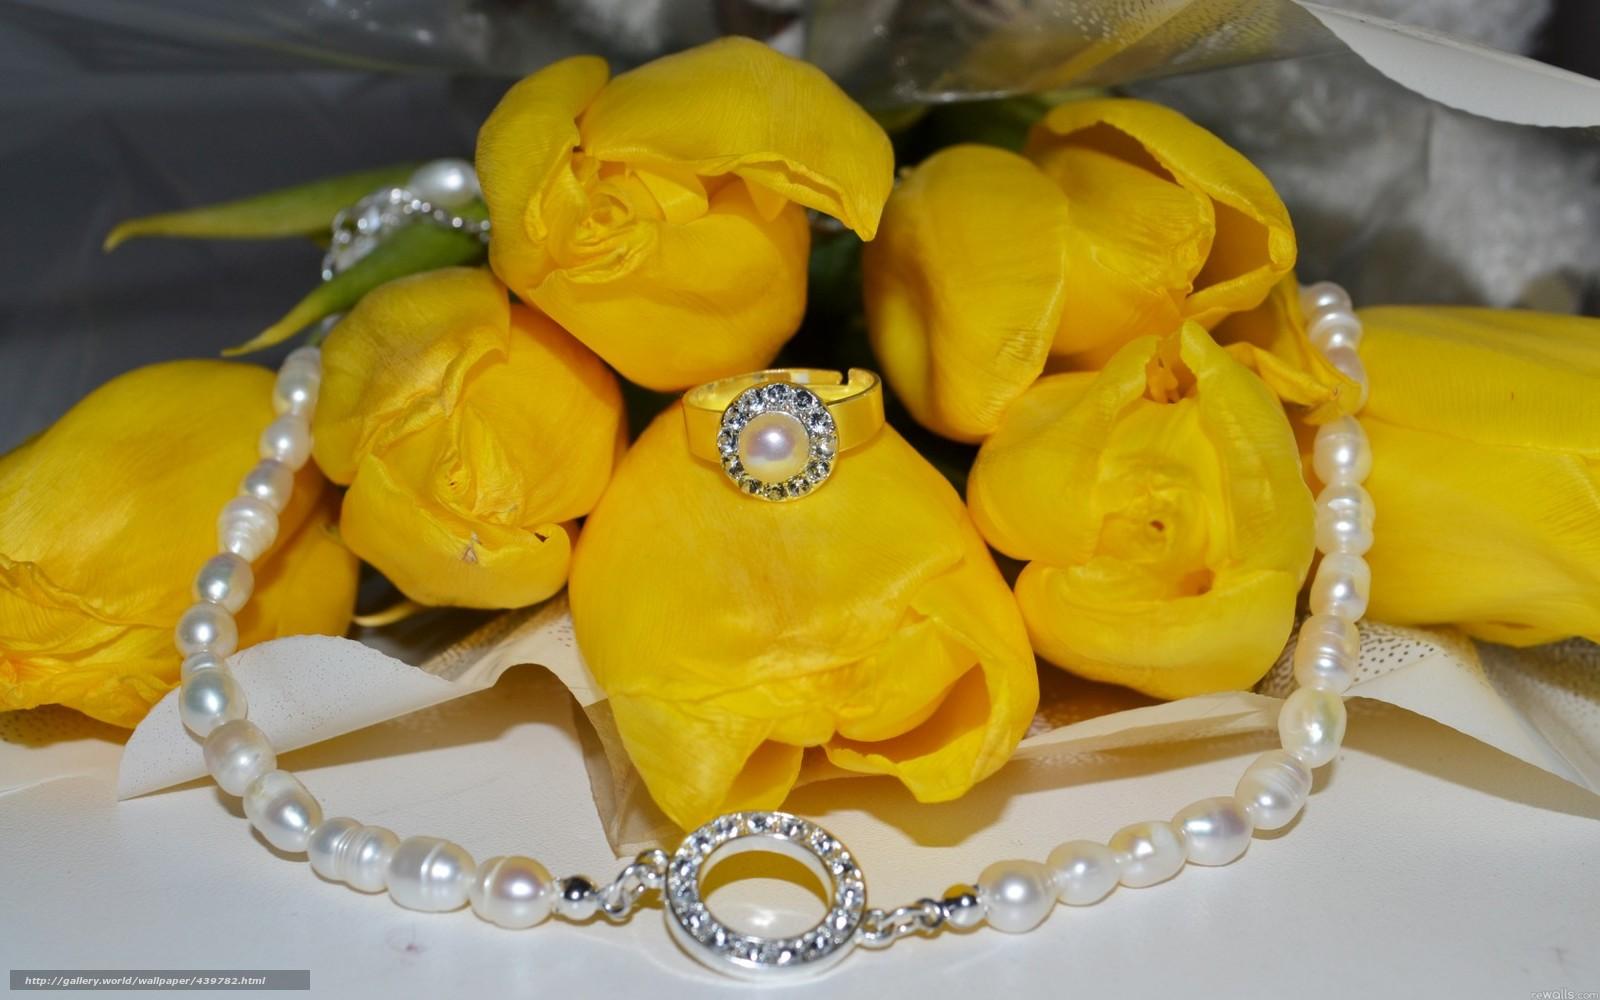 Скачать обои цветы,  желтые,  жёлтые,  цветок бесплатно для рабочего стола в разрешении 1680x1050 — картинка №439782